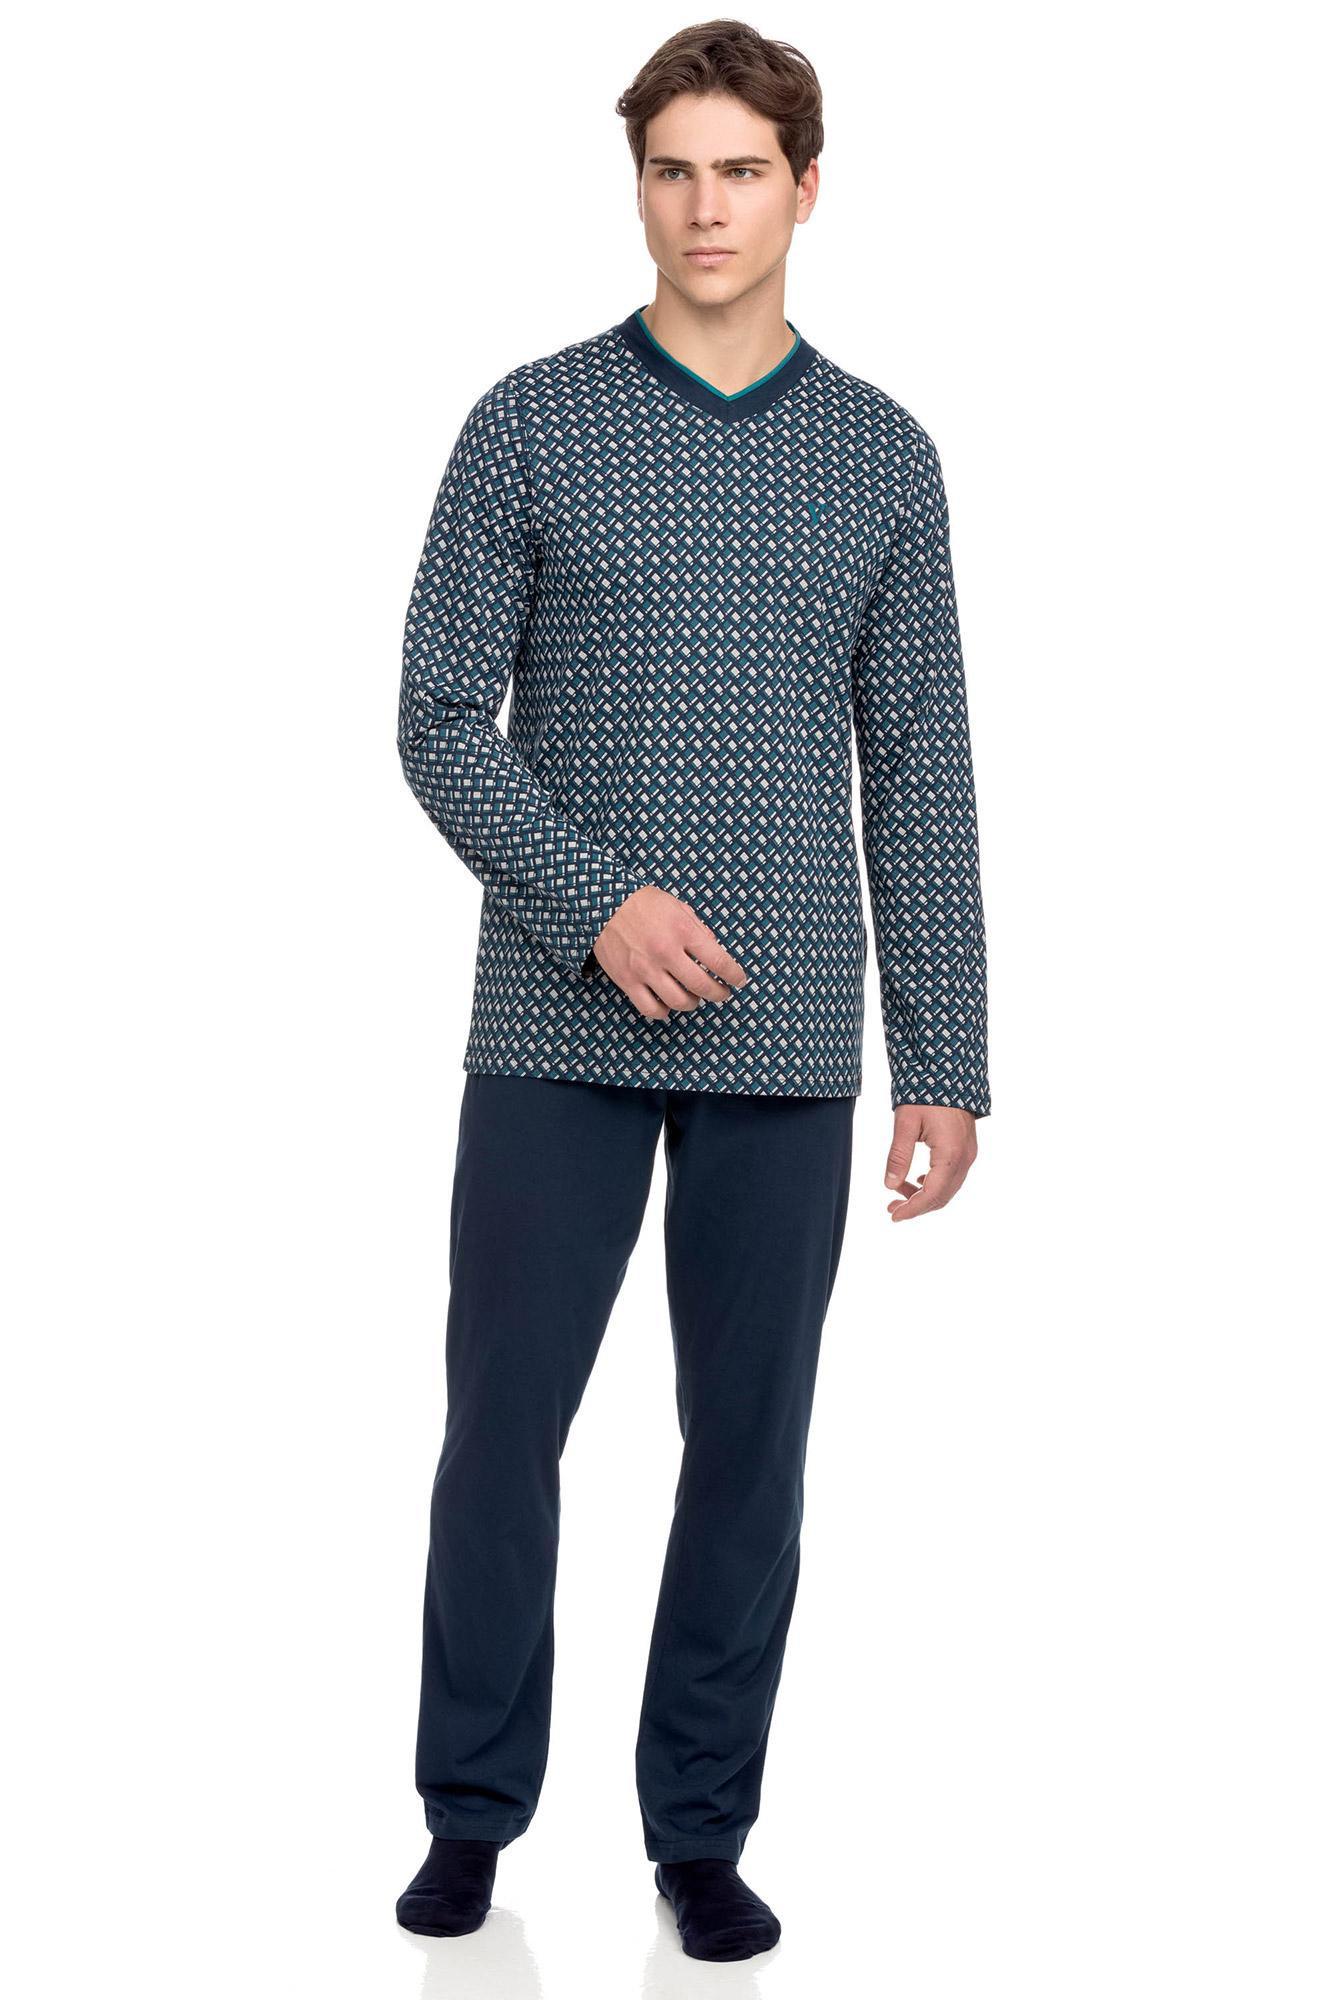 Vamp - Bavlnené pánske pyžamo 15632 - Vamp blue oxford xl